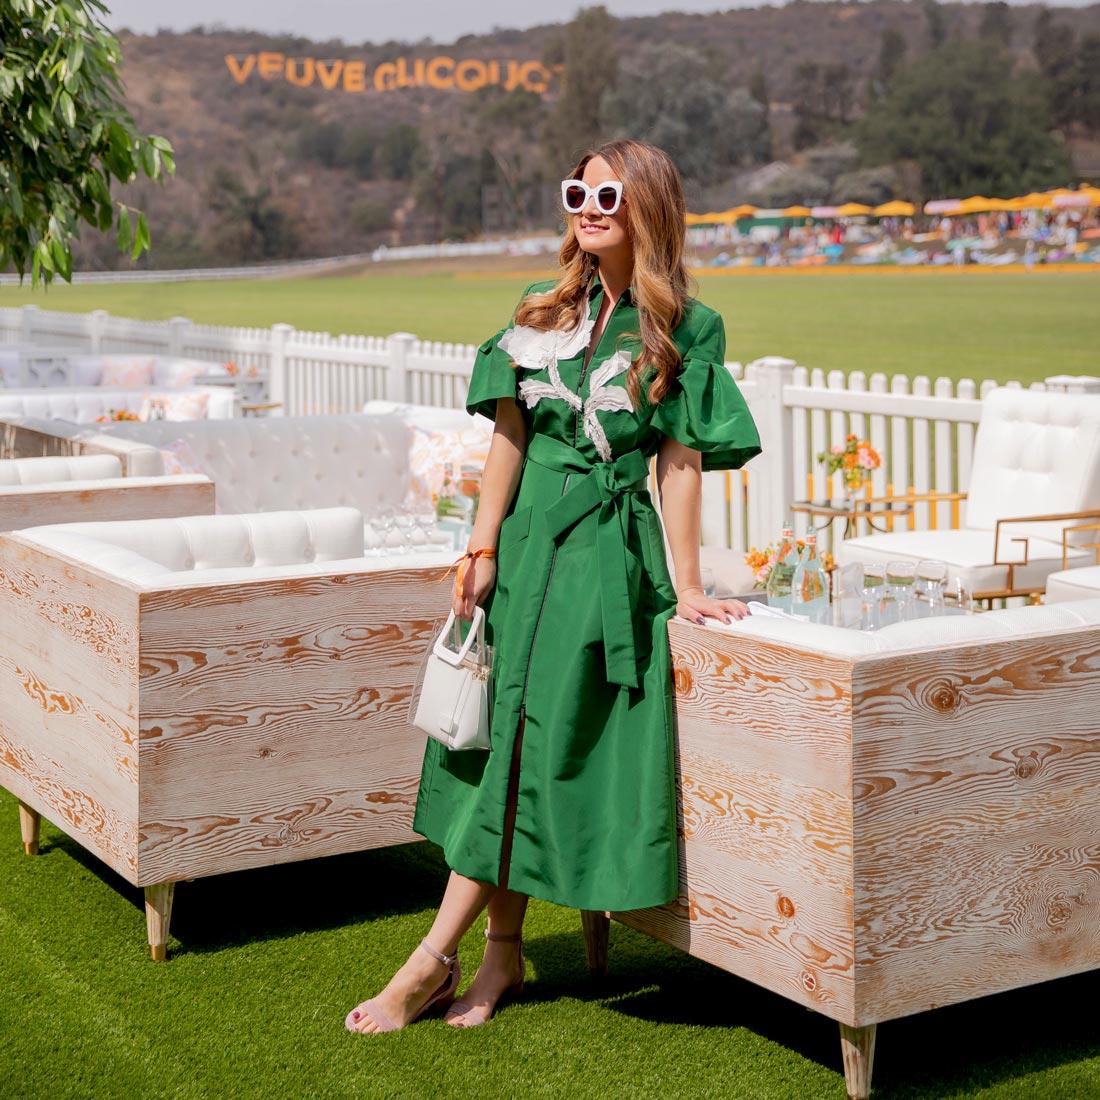 Veuve Clicquot Polo Classic LA 2018